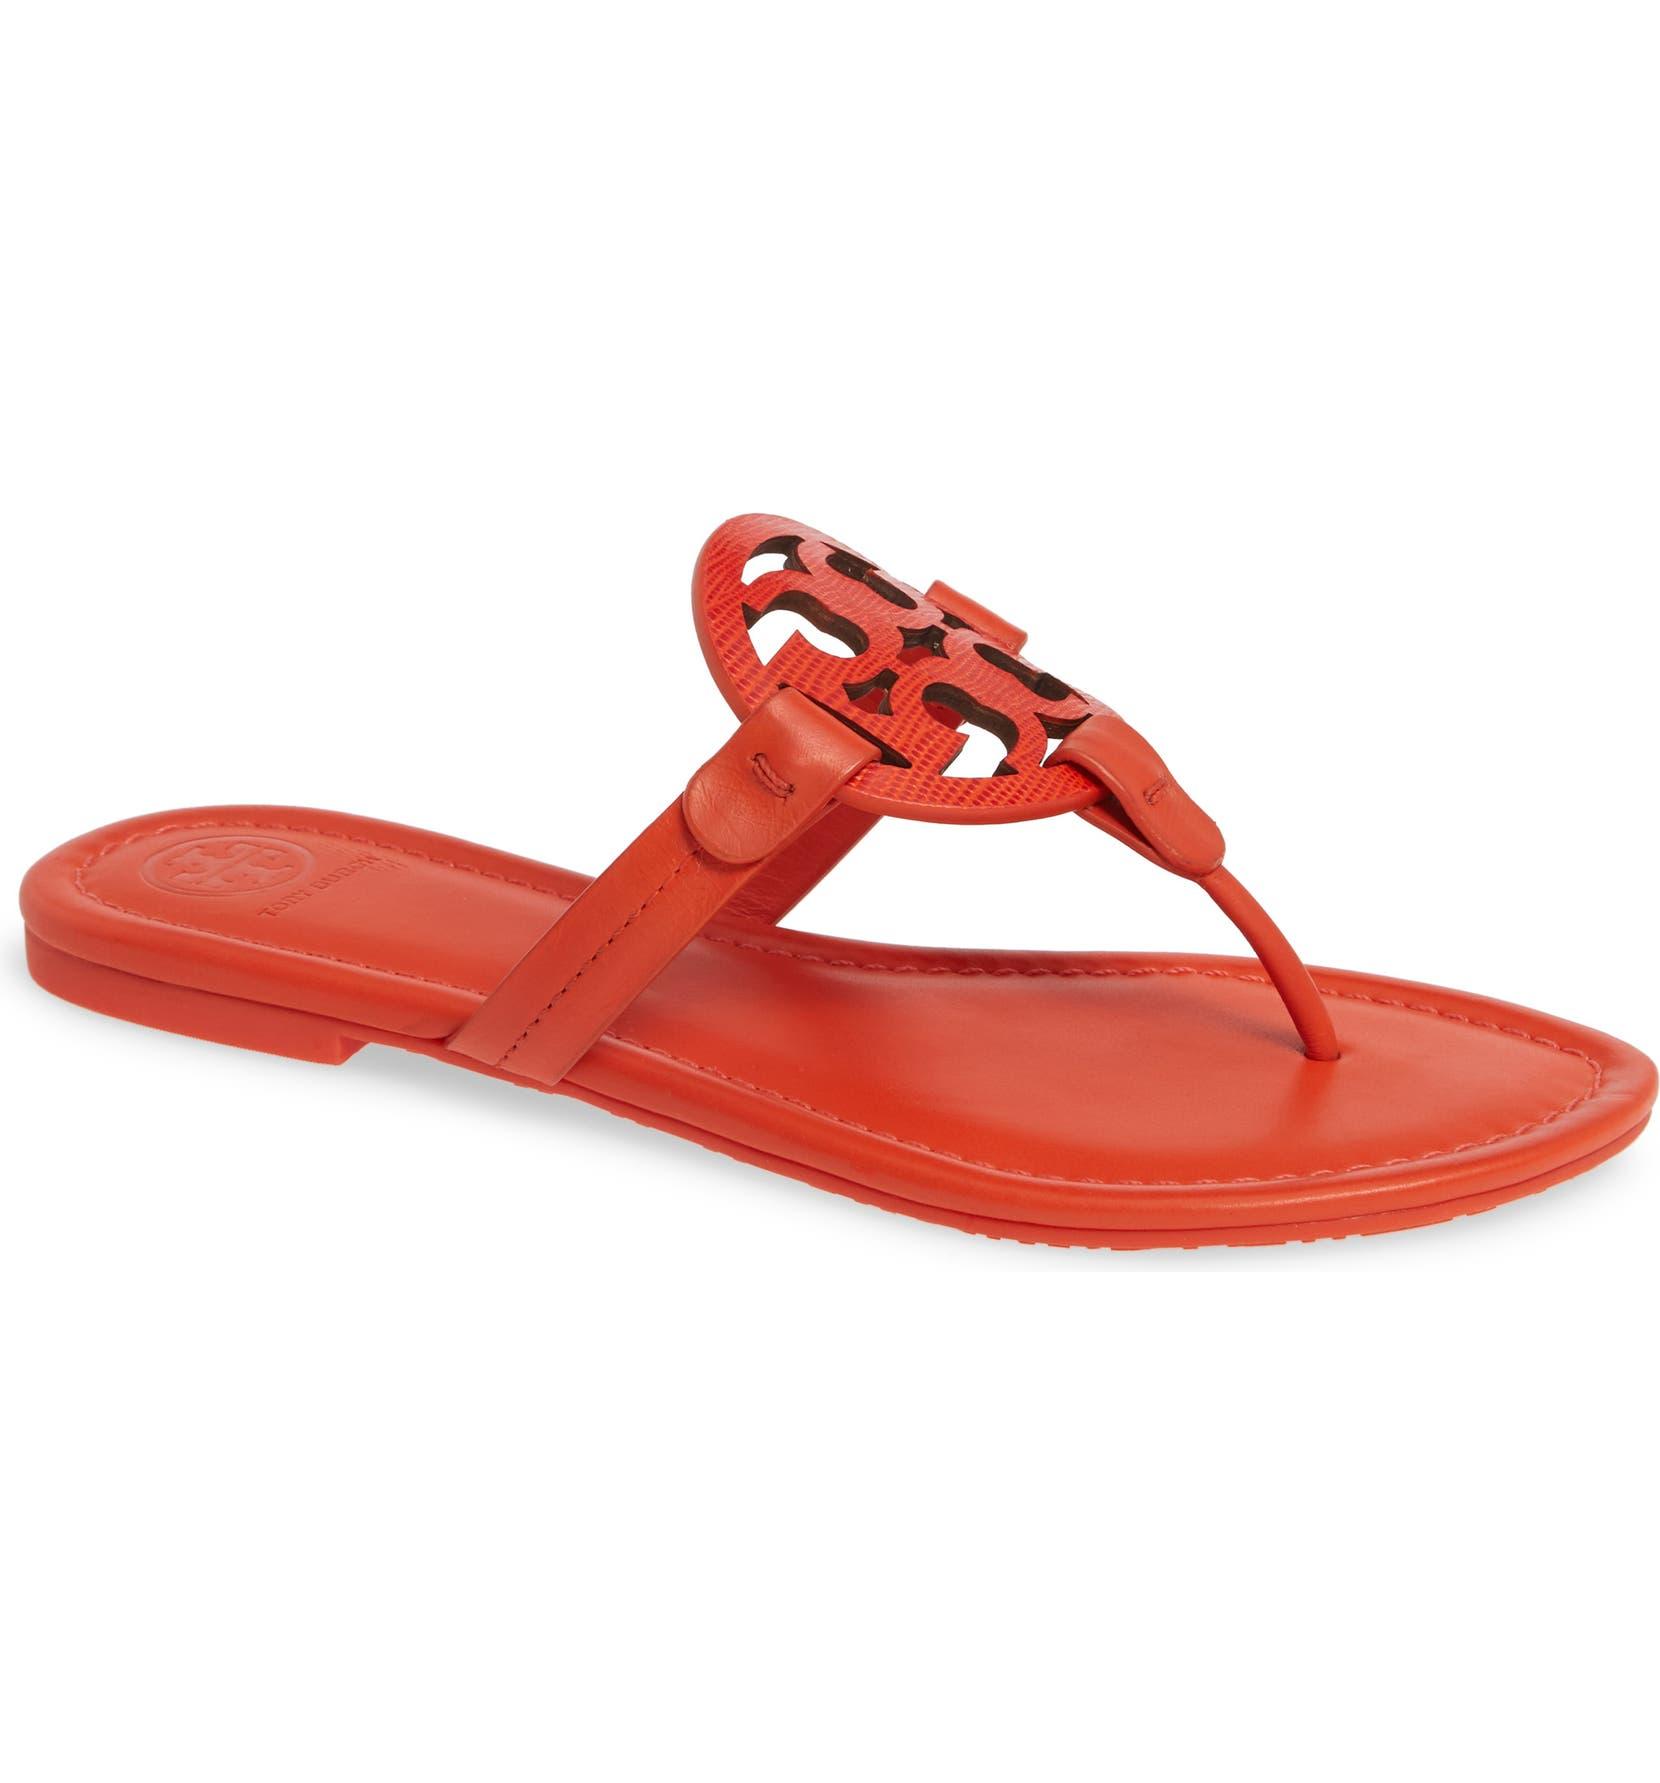 ec3f2c450 Tory Burch Miller Flip Flop (Women) | Nordstrom